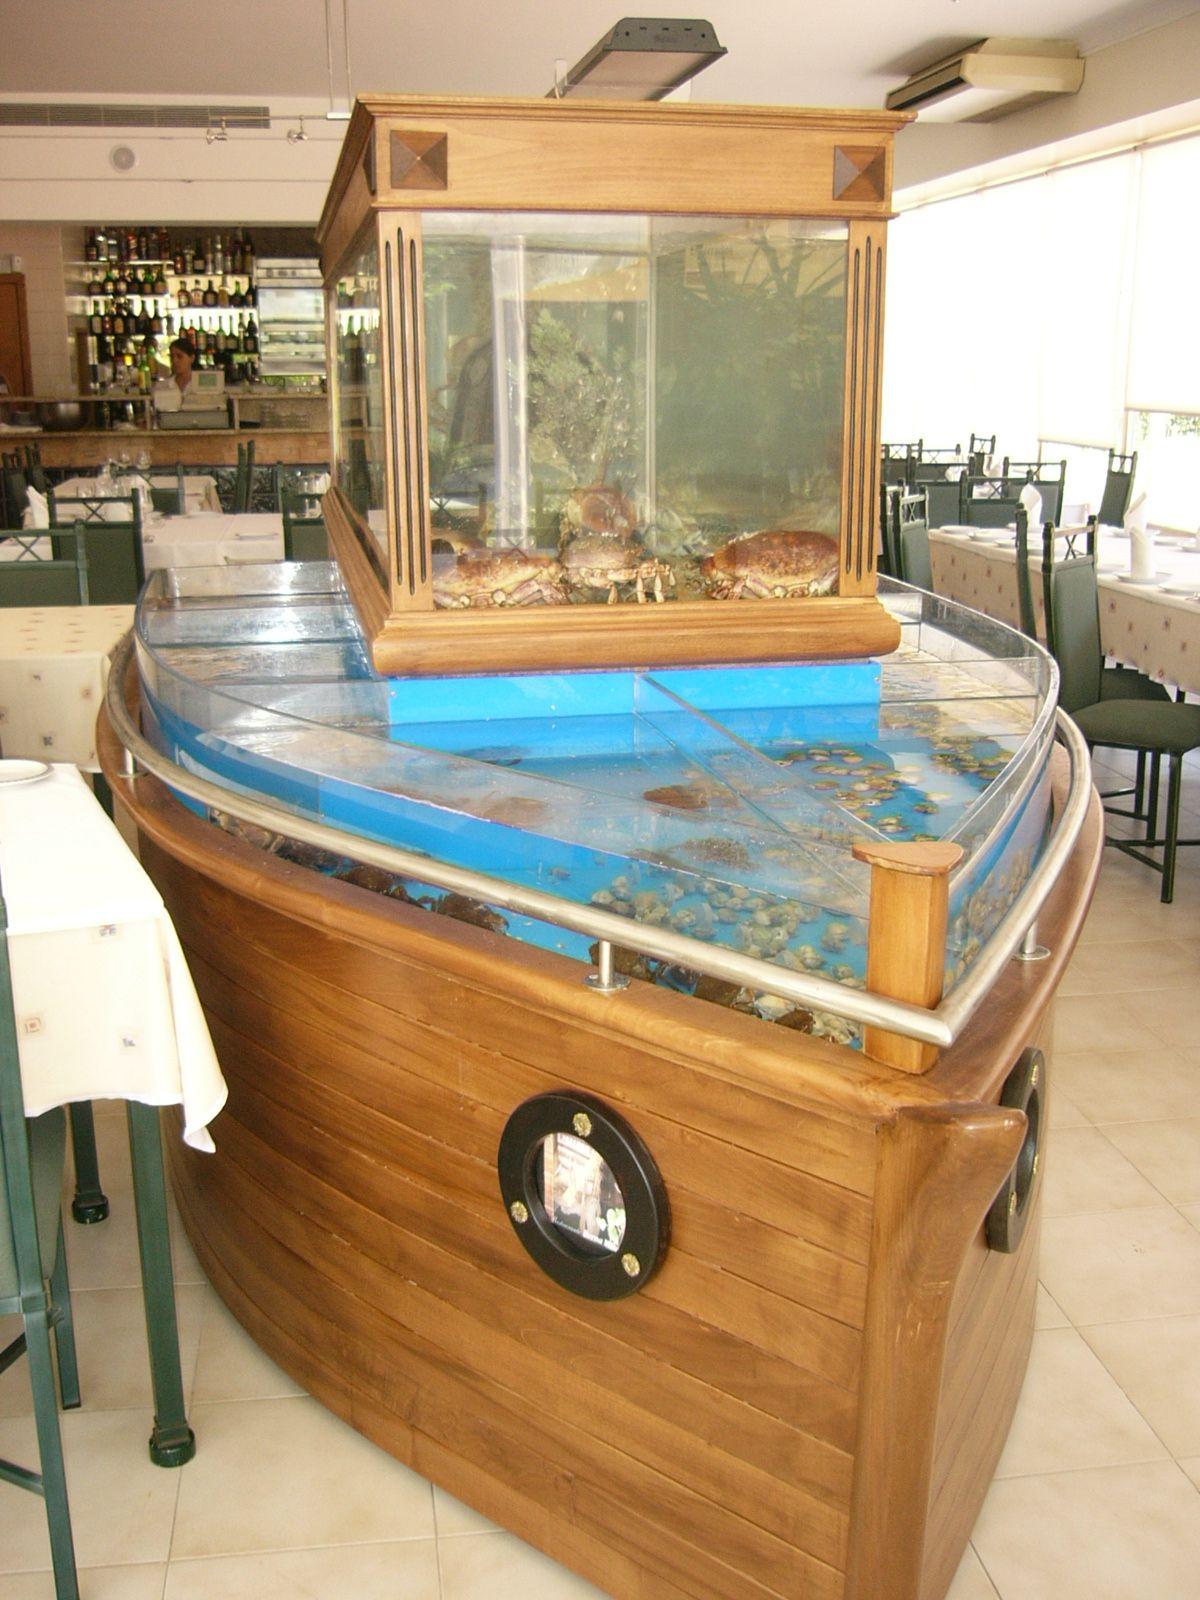 Unusual fish for your aquarium - Unusual Fish For Your Aquarium